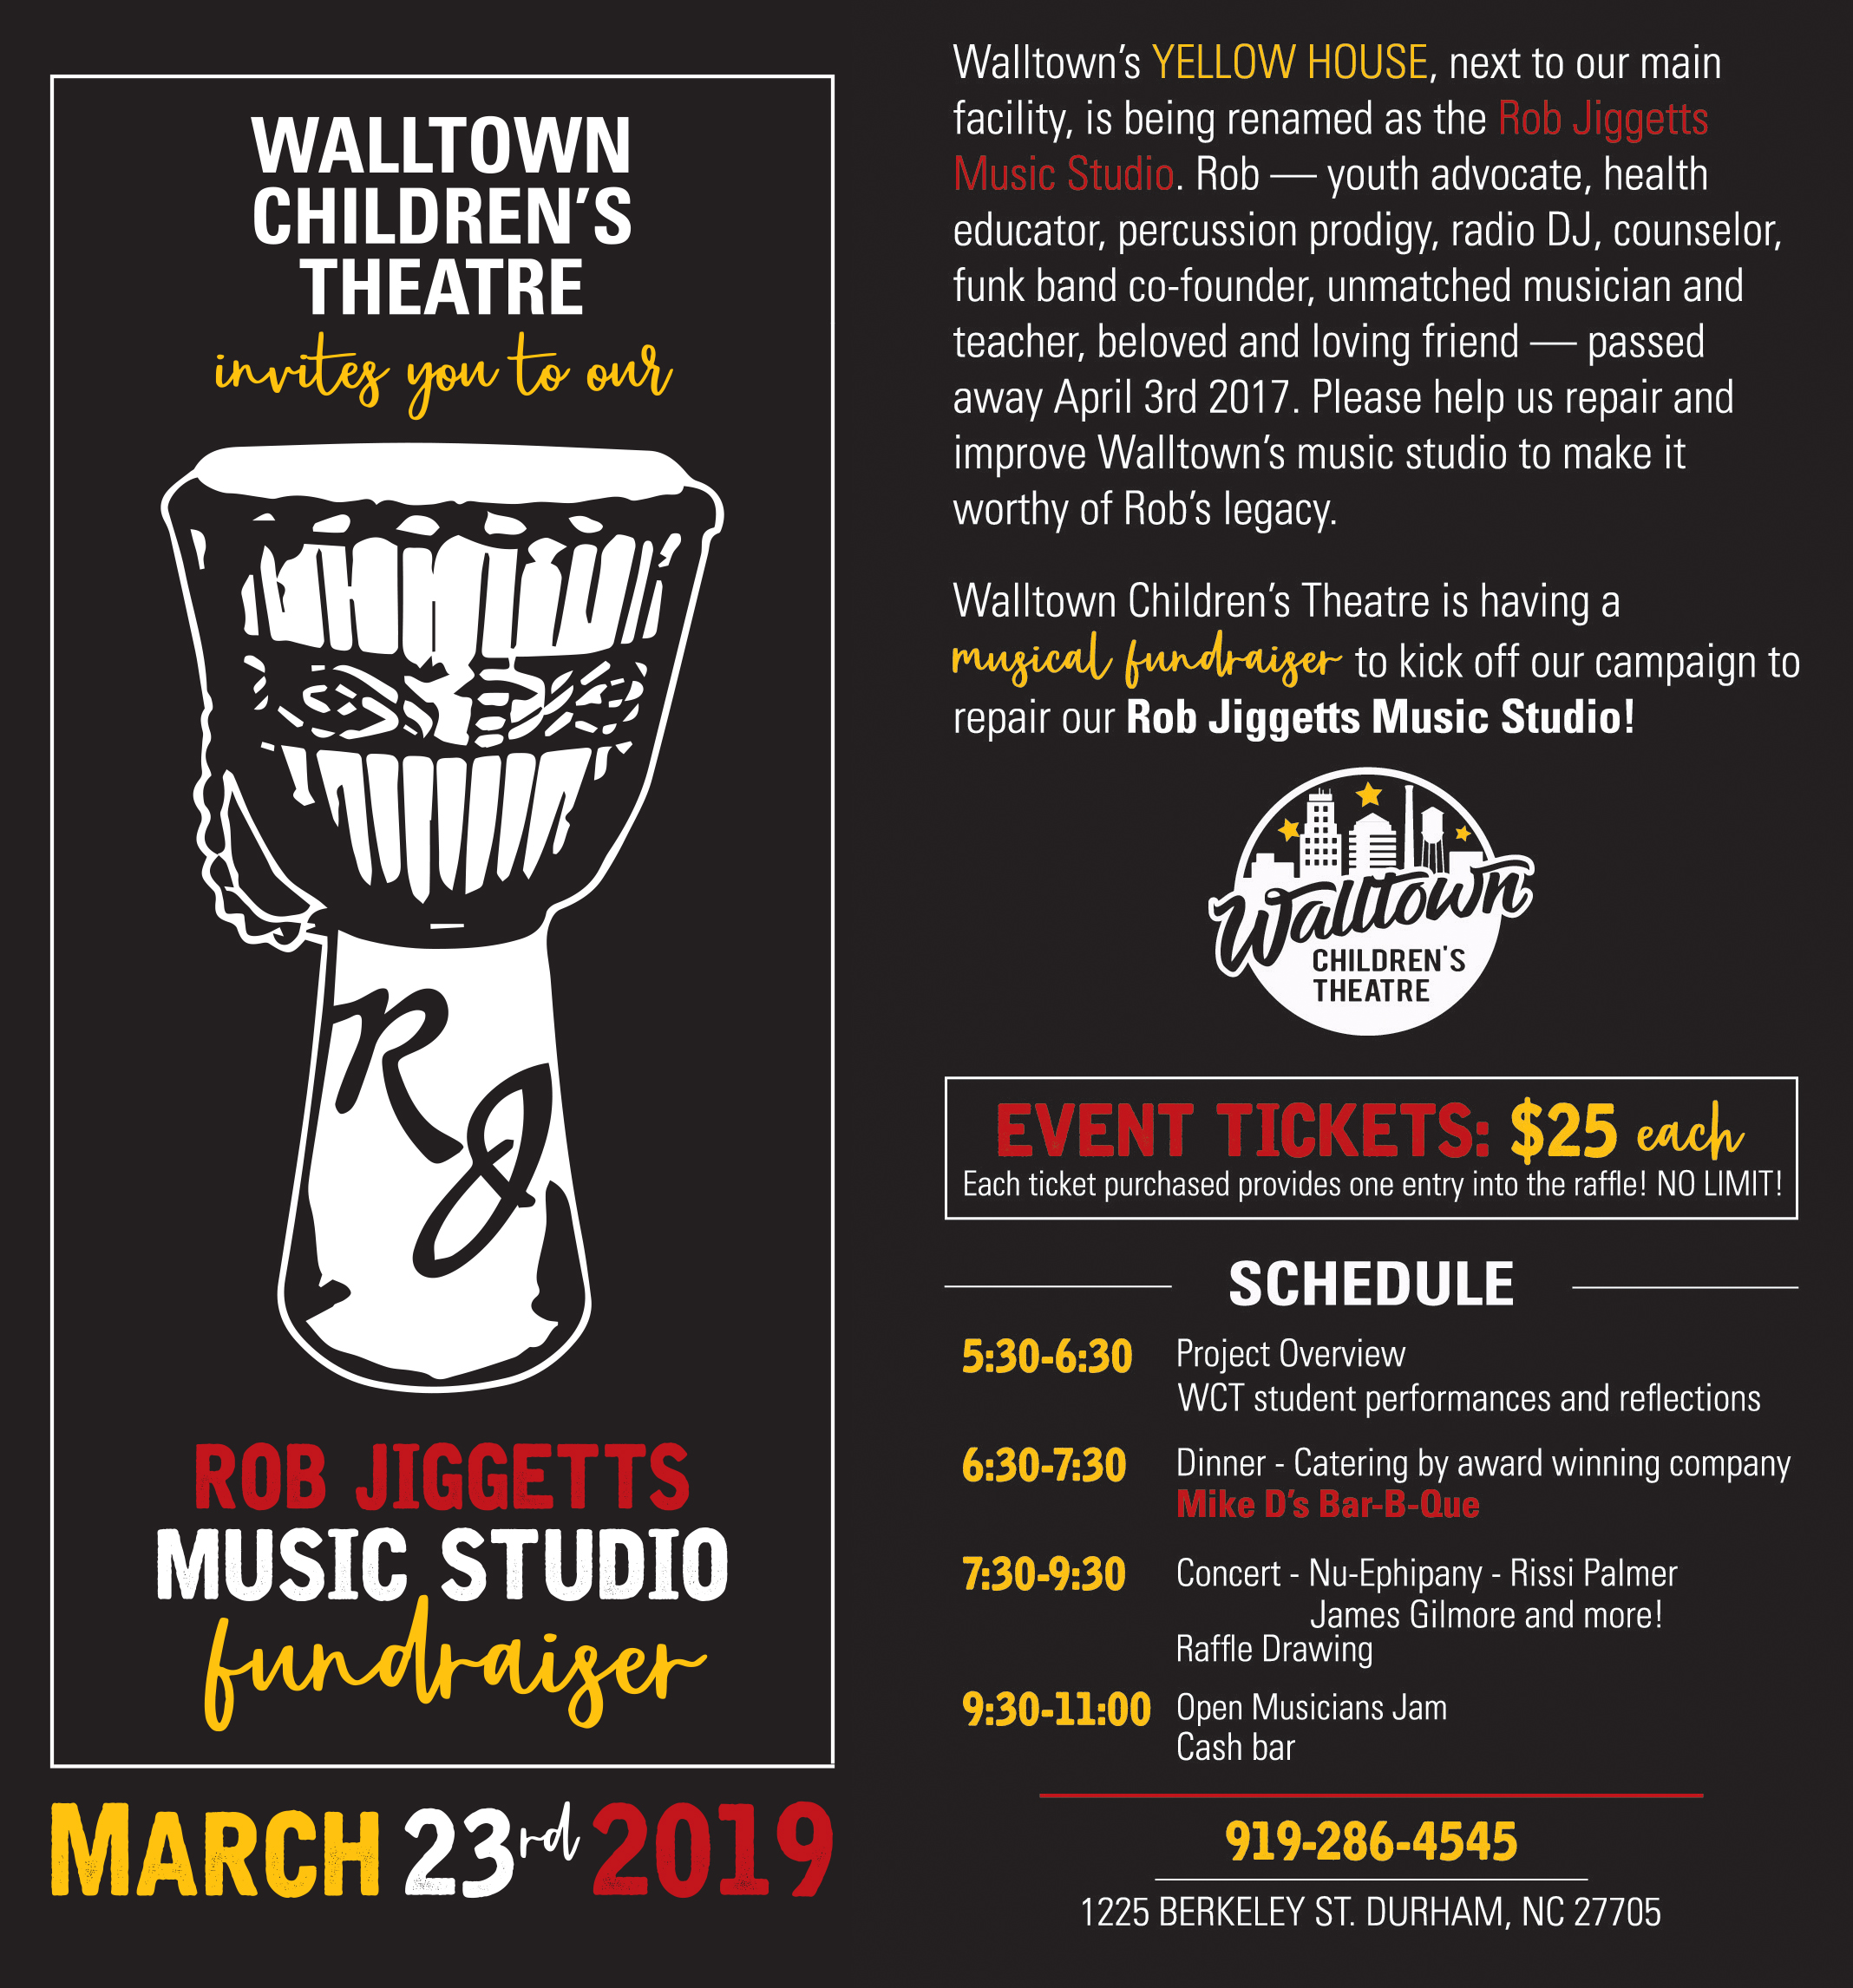 RJMS Fundraising invitation 03-19.jpg